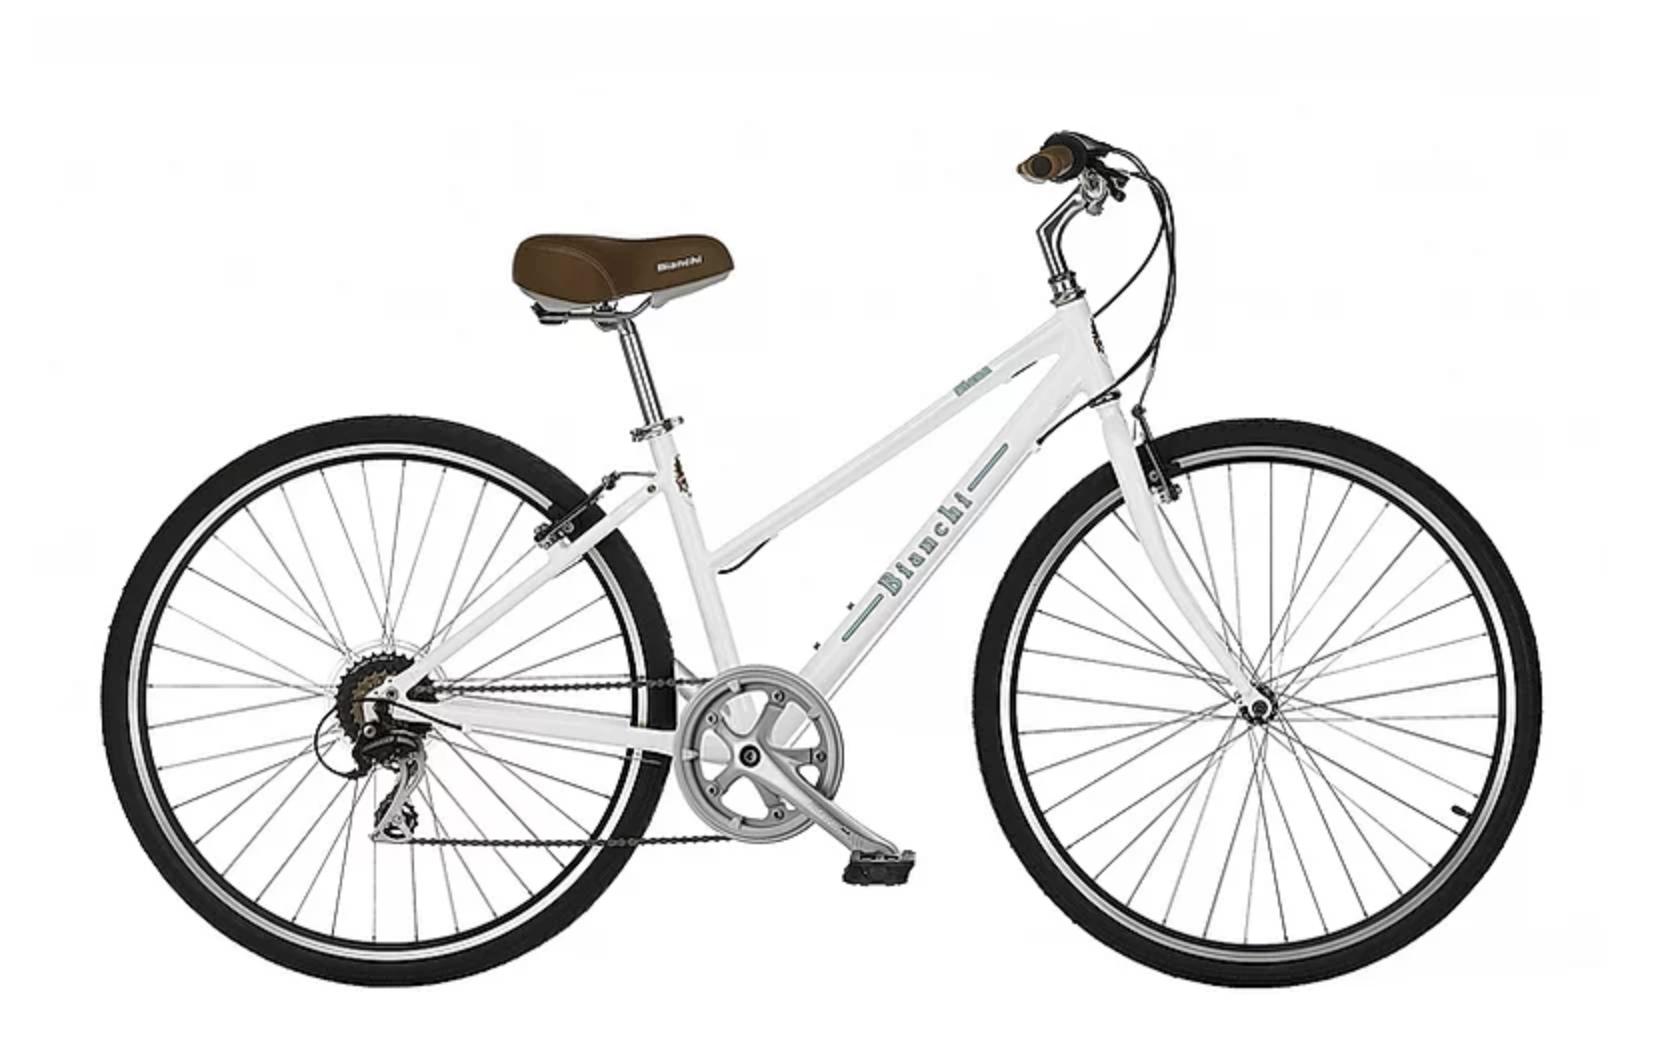 Bianchi siena dama bike rental